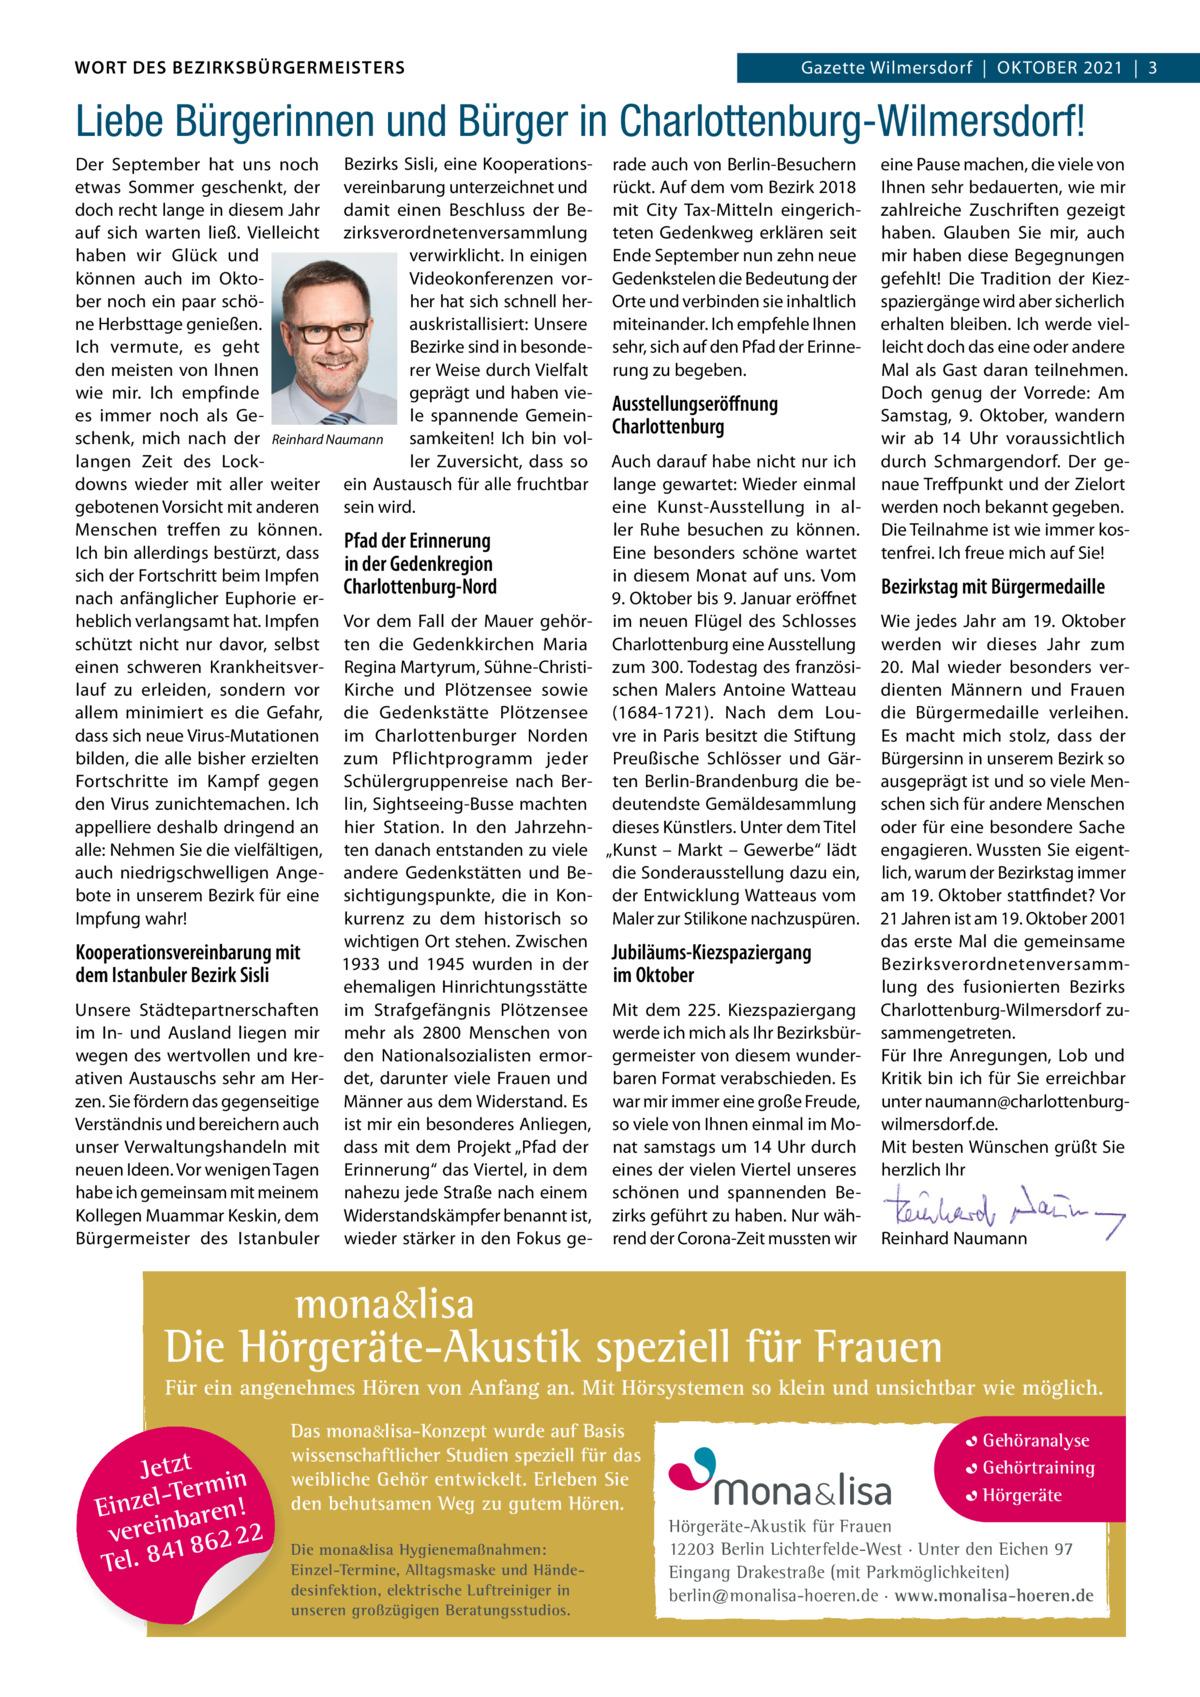 WORT DES BEZIRKSBÜRGERMEISTERS WORT DES BEZIRKSBÜRGERMEISTERS  Gazette Wilmersdorf   Oktober2021 3 2021   3 Gazette Wilmersdorf Oktober  Liebe Bürgerinnen und Bürger in Charlottenburg-Wilmersdorf! Der September hat uns noch bezirks Sisli, eine kooperations- rade auch von berlin-besuchern etwas Sommer geschenkt, der vereinbarung unterzeichnet und rückt. Auf dem vom bezirk 2018 doch recht lange in diesem Jahr damit einen beschluss der be- mit City tax-Mitteln eingerichauf sich warten ließ. Vielleicht zirksverordnetenversammlung teten Gedenkweg erklären seit verwirklicht. In einigen ende September nun zehn neue haben wir Glück und Videokonferenzen vor- Gedenkstelen die bedeutung der können auch im Oktoher hat sich schnell her- Orte und verbinden sie inhaltlich ber noch ein paar schöne Herbsttage genießen. auskristallisiert: Unsere miteinander. Ich empfehle Ihnen Ich vermute, es geht bezirke sind in besonde- sehr, sich auf den Pfad der erinnerer Weise durch Vielfalt rung zu begeben. den meisten von Ihnen geprägt und haben viewie mir. Ich empfinde Ausstellungseröffnung le spannende Gemeines immer noch als GeCharlottenburg schenk, mich nach der Reinhard Naumann samkeiten! Ich bin voller Zuversicht, dass so Auch darauf habe nicht nur ich langen Zeit des Lockdowns wieder mit aller weiter ein Austausch für alle fruchtbar lange gewartet: Wieder einmal gebotenen Vorsicht mit anderen sein wird. eine kunst-Ausstellung in alMenschen treffen zu können. ler ruhe besuchen zu können. Pfad der Erinnerung Ich bin allerdings bestürzt, dass eine besonders schöne wartet in der Gedenkregion sich der Fortschritt beim Impfen in diesem Monat auf uns. Vom Charlottenburg-Nord nach anfänglicher euphorie er9.Oktober bis 9.Januar eröffnet heblich verlangsamt hat. Impfen Vor dem Fall der Mauer gehör- im neuen Flügel des Schlosses schützt nicht nur davor, selbst ten die Gedenkkirchen Maria Charlottenburg eine Ausstellung einen schweren krankheitsver- regina Martyrum, Sühne-Christi- zum 300.todestag 